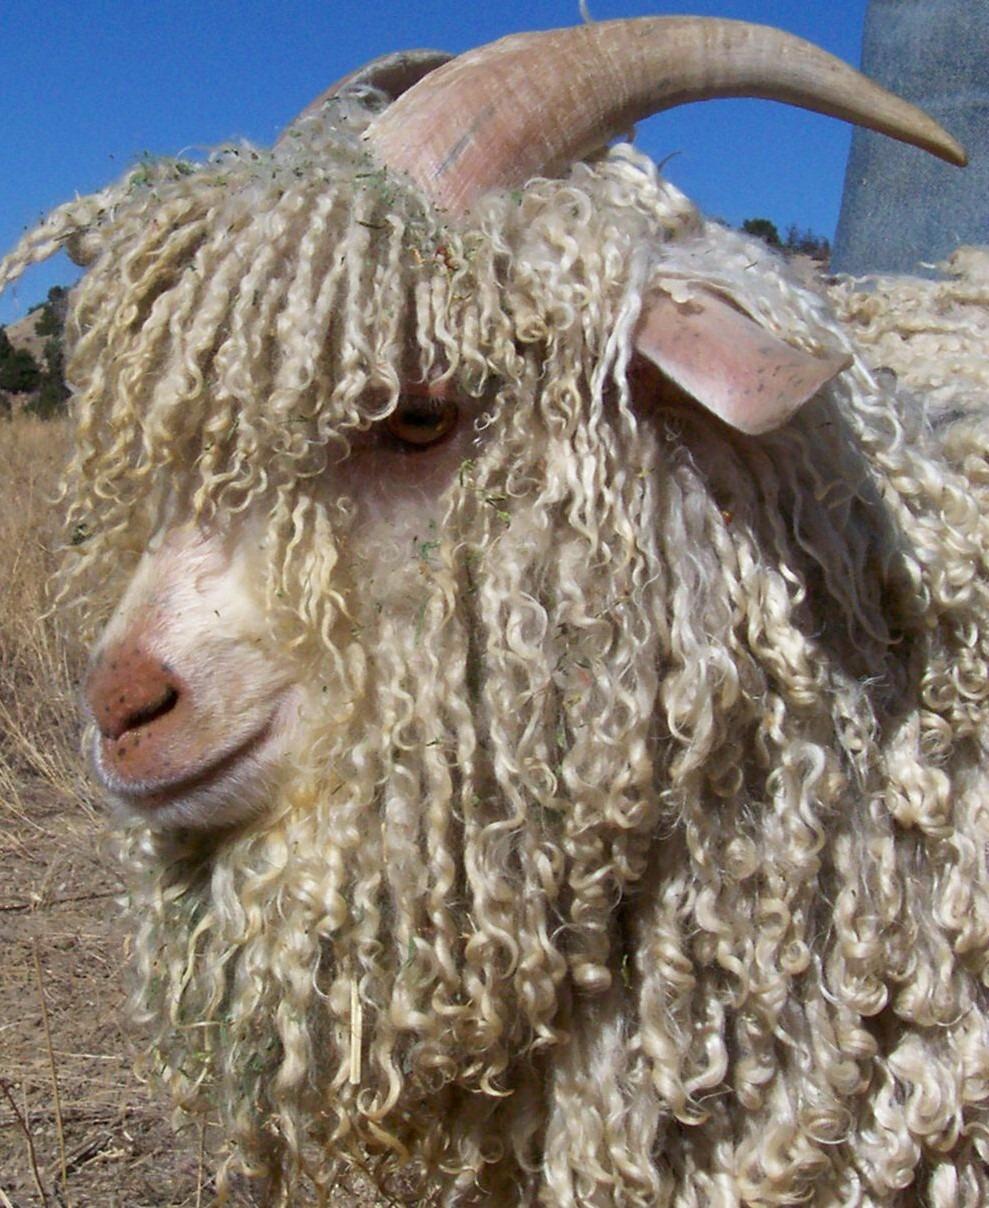 ассортимент картинка шерсть козы совсем стемнело, ужасно